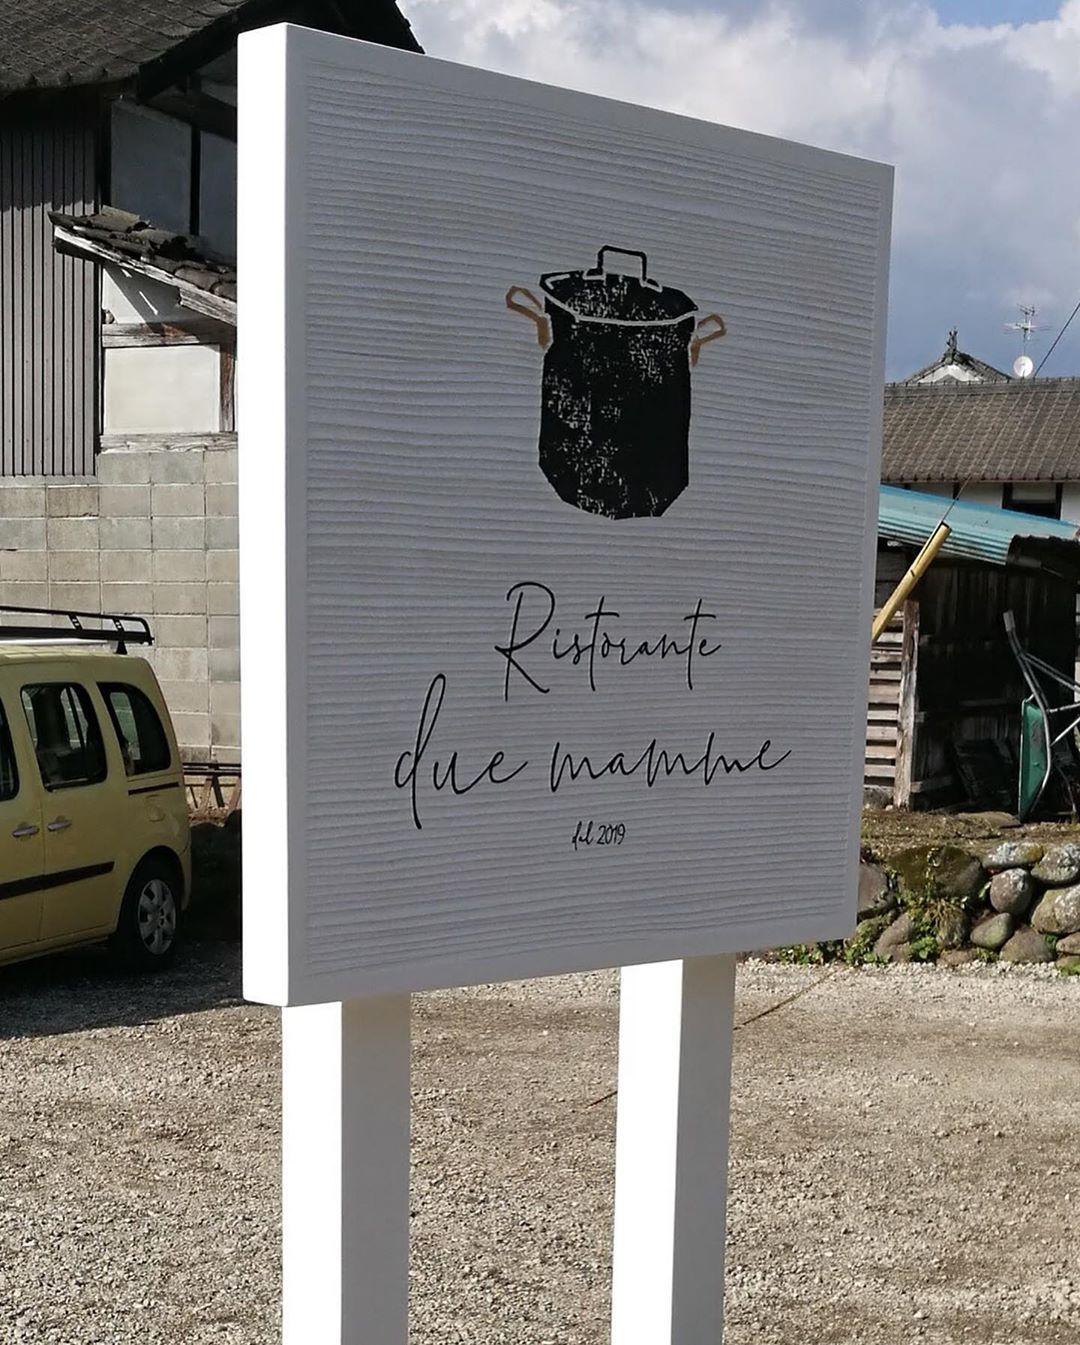 Woodsignshopさんはinstagramを利用しています 看板設置にお伺いしてきました 熊本県菊池市 近日オープン予定 Ristorante Due Mamme リストランテ ドゥエ マンメ 様 古民家を改装された本格的なイタリアンレストランです Ristorante 看板 屋外看板 看板 手作り